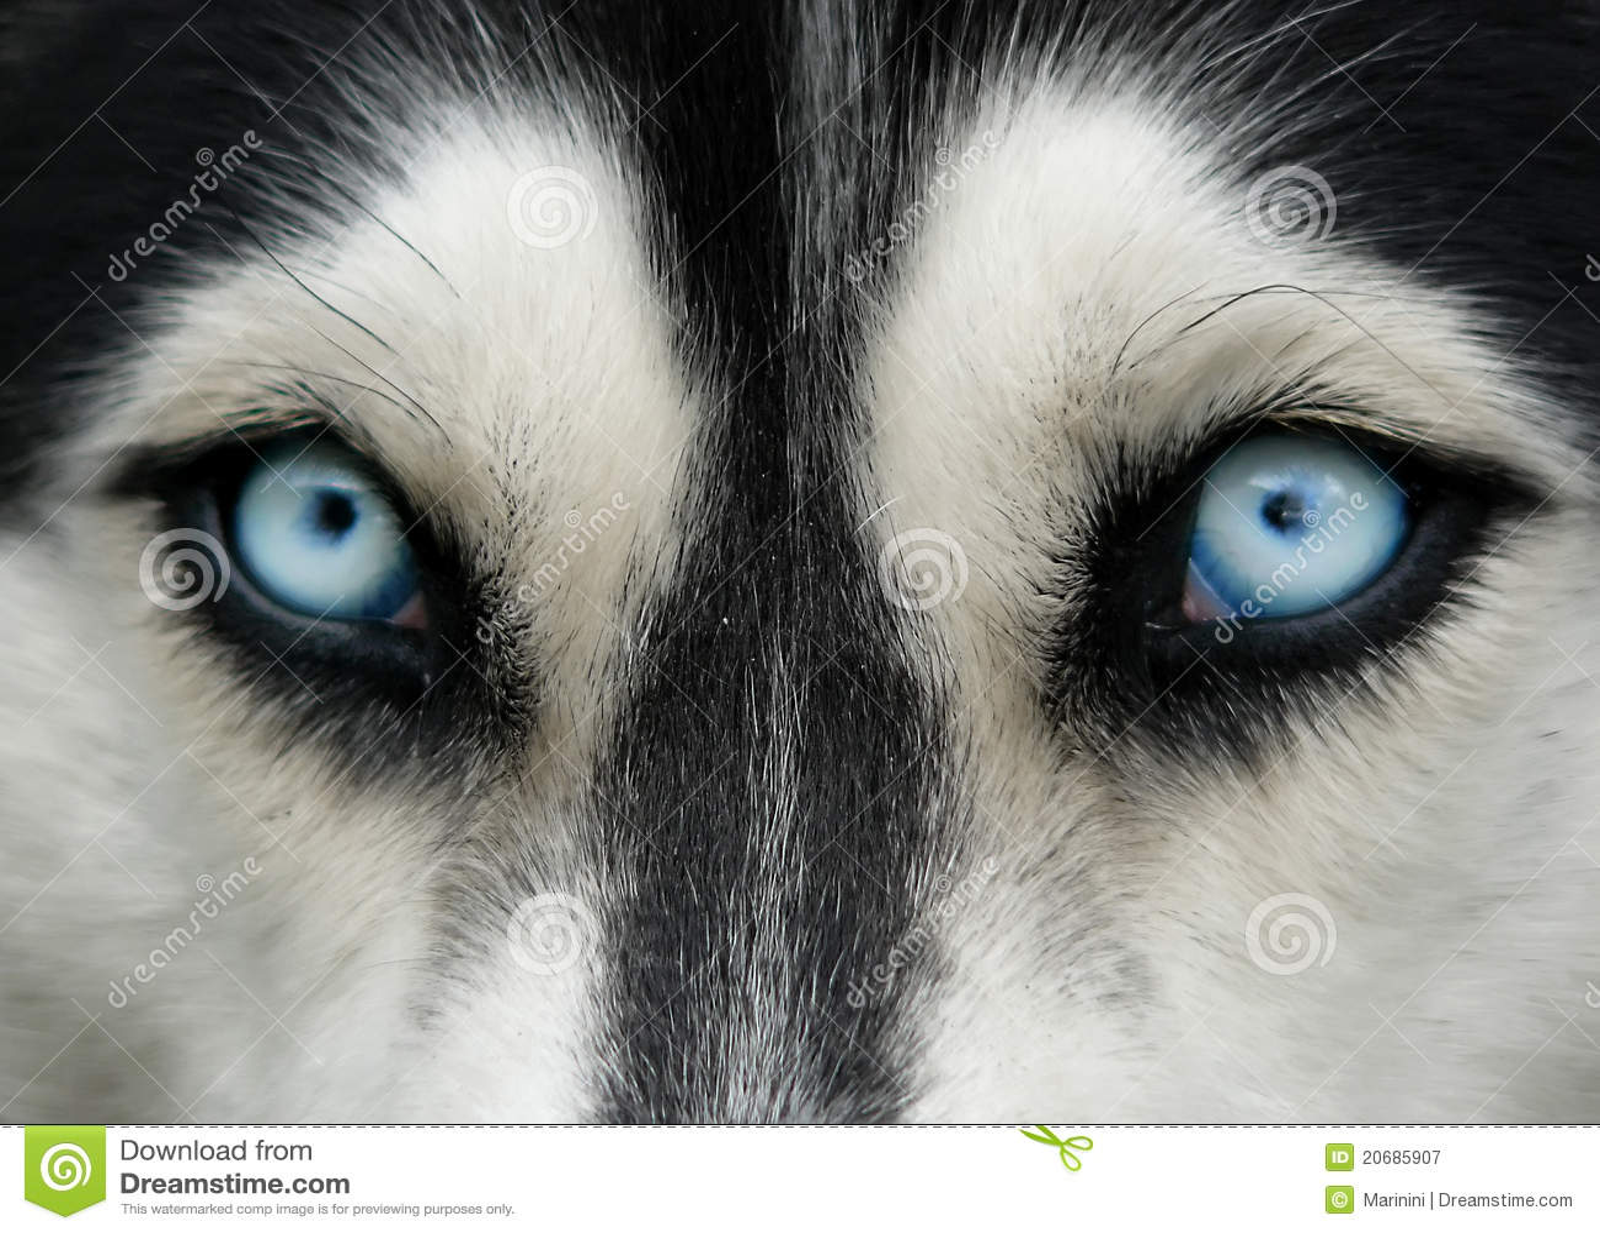 Occhi azzurri del cane fotografia stock libera da diritti - Cane occhi azzurri ...